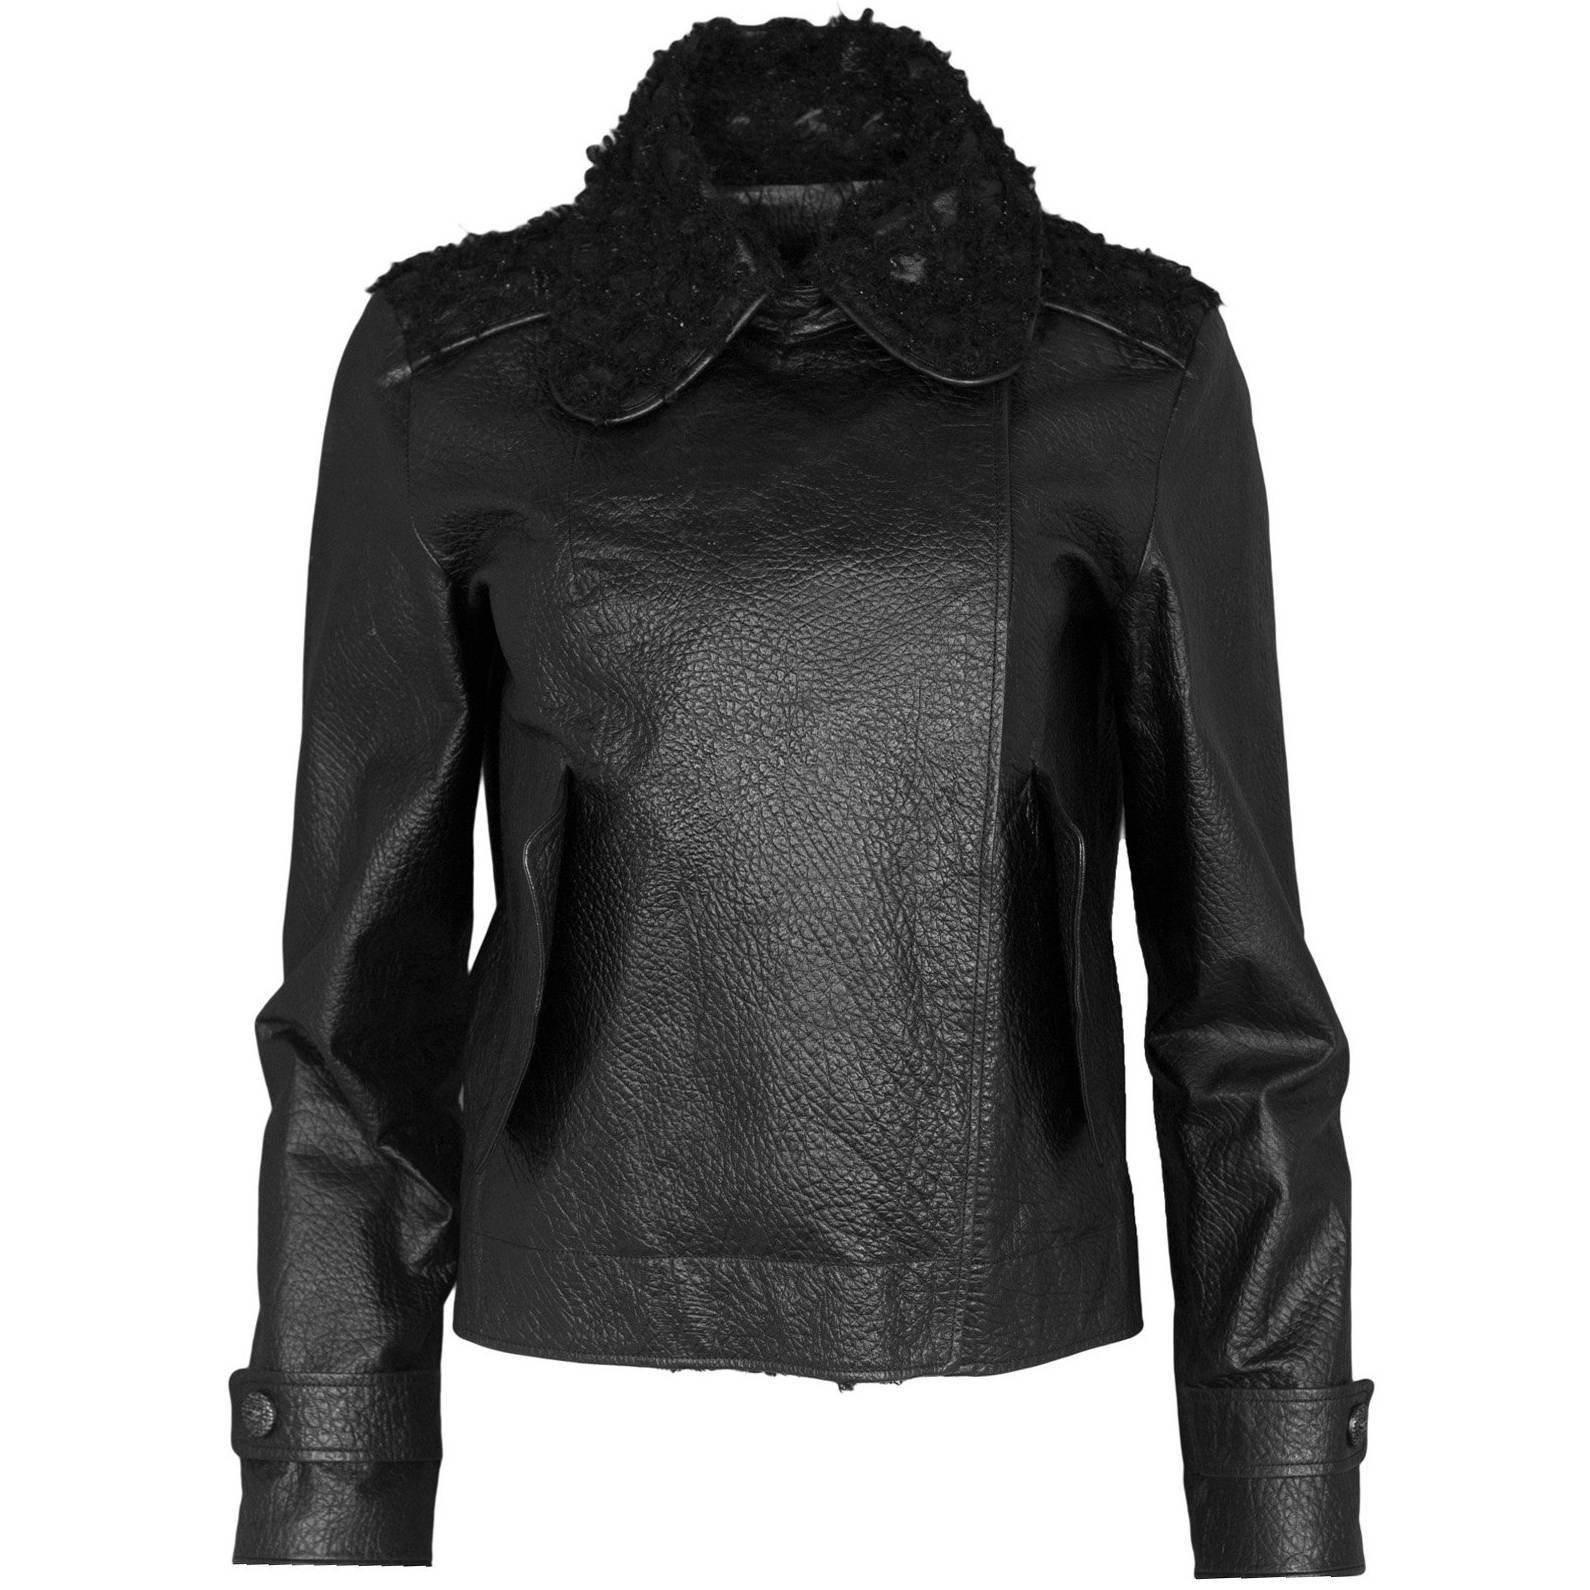 Chanel Black Leather And Metallic Tweed Moto Jacket, 2012